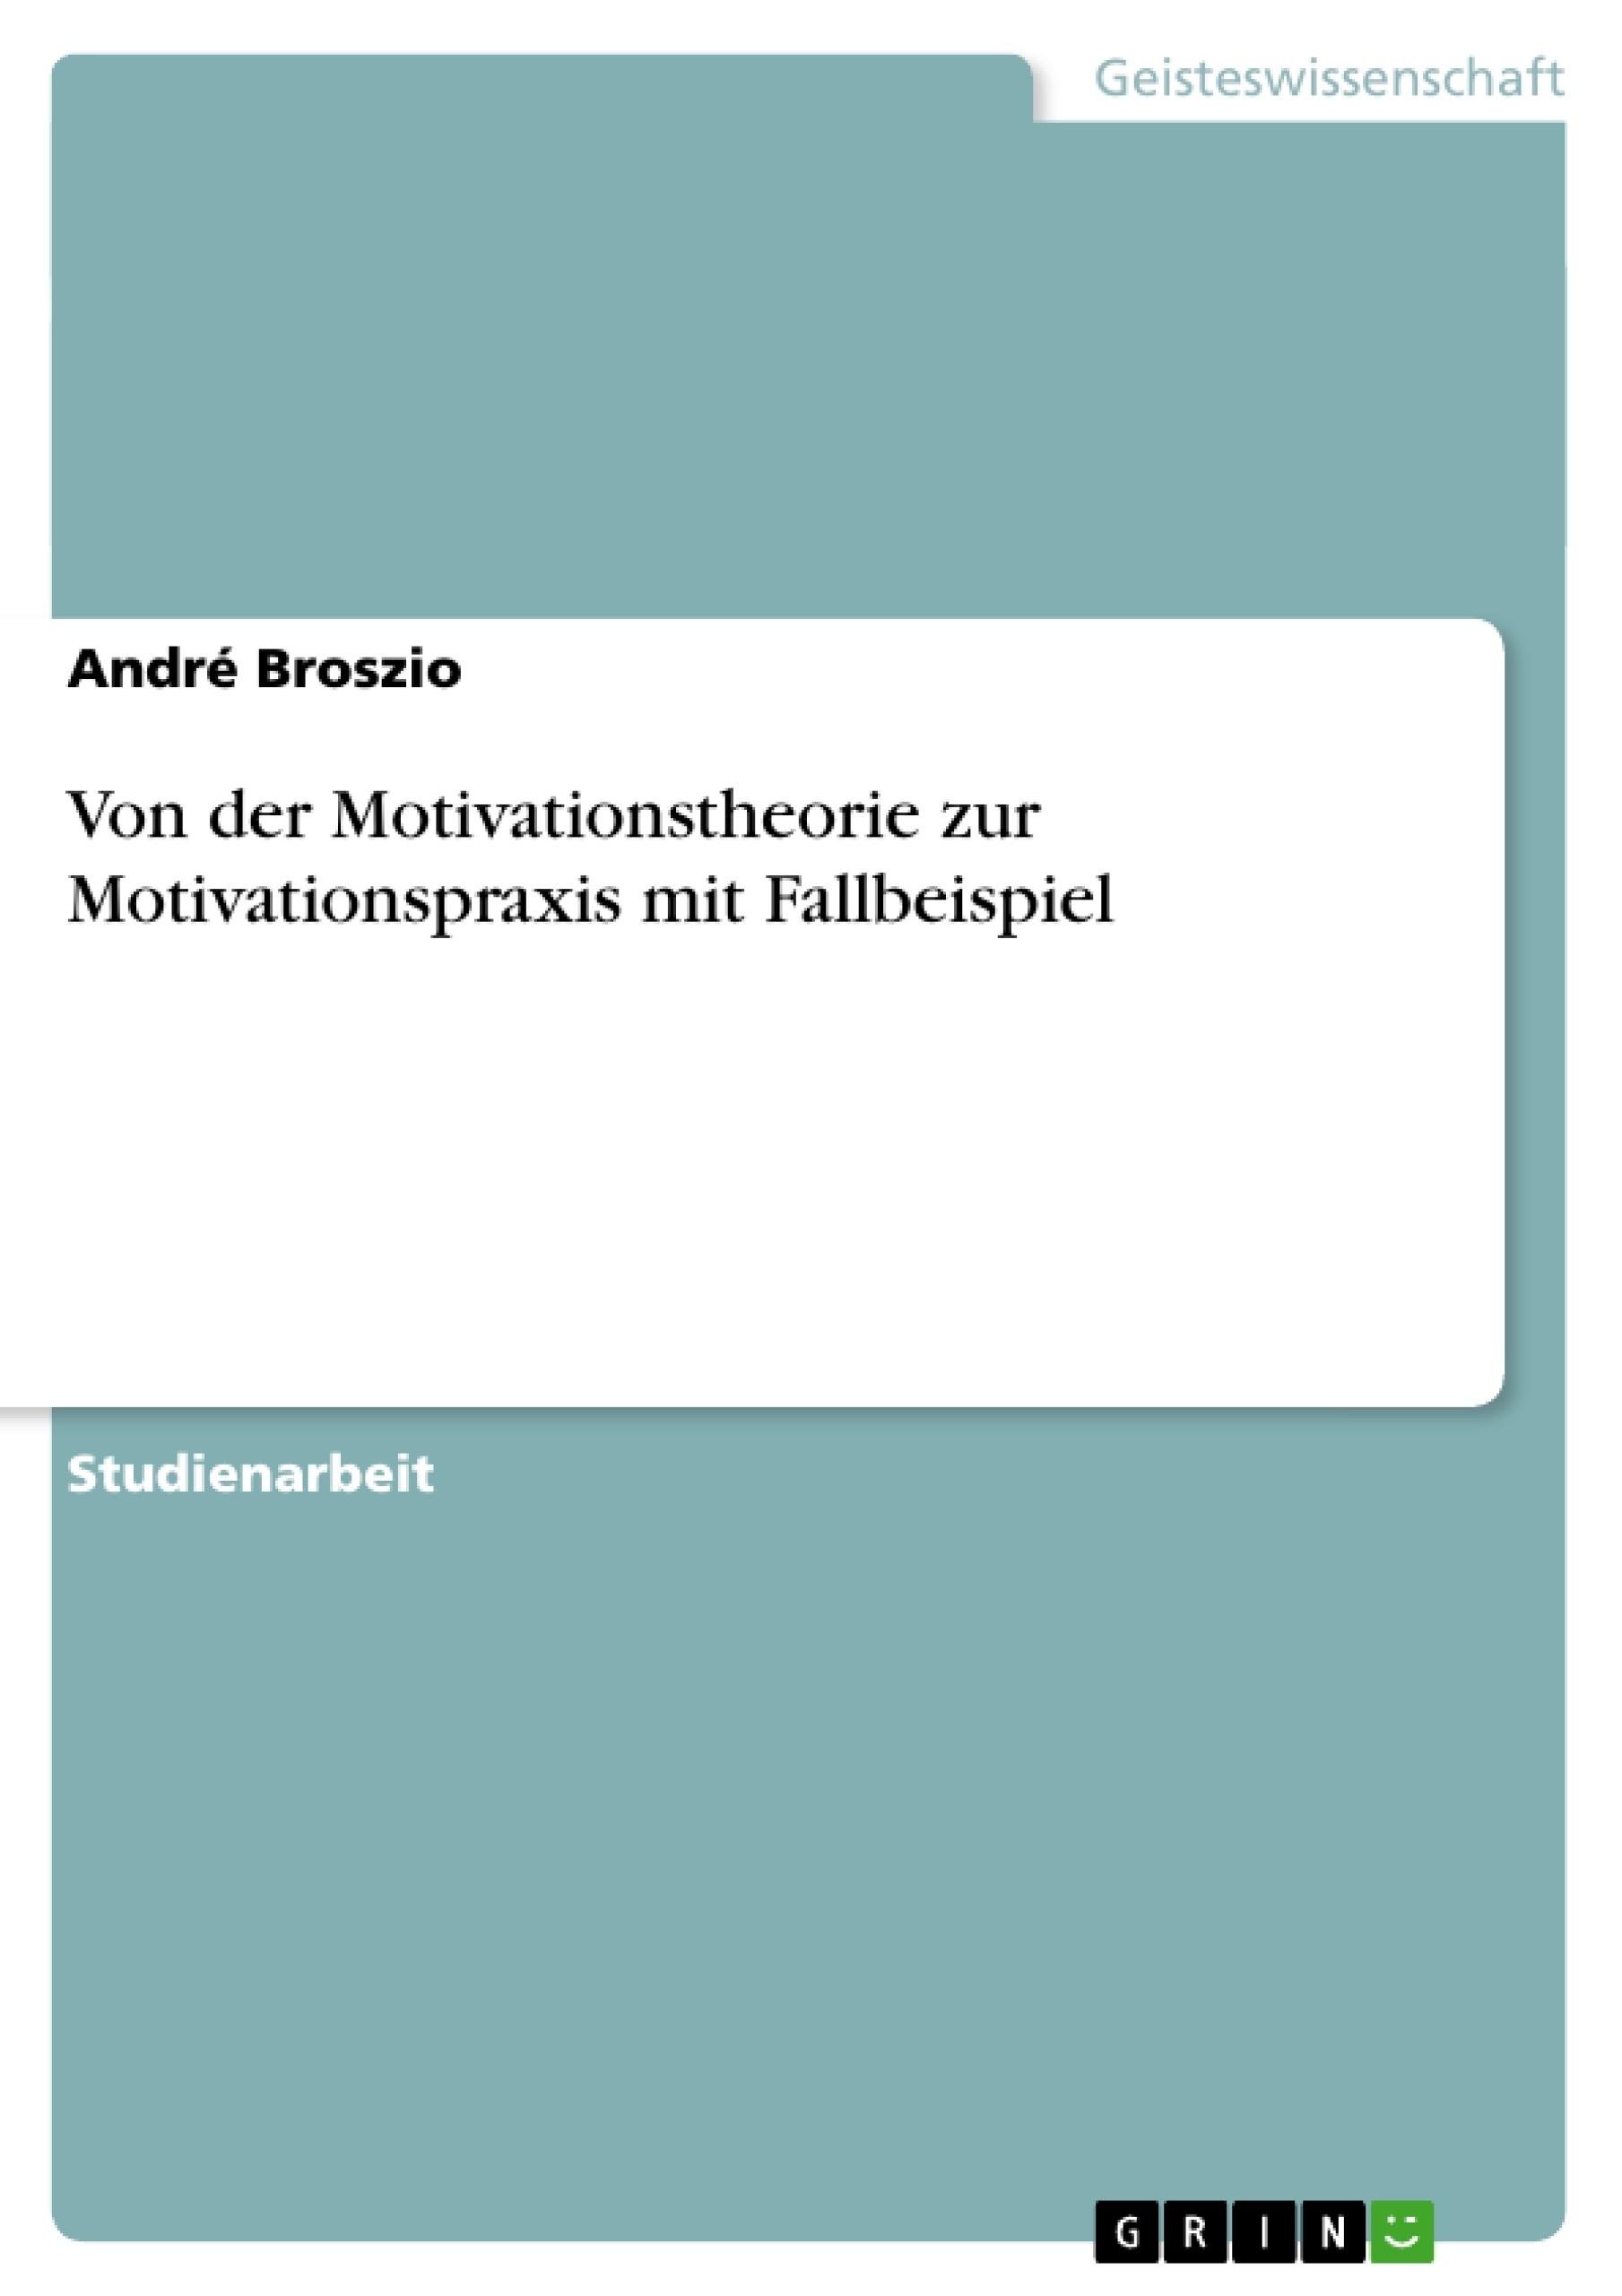 Titel: Von der Motivationstheorie zur Motivationspraxis mit Fallbeispiel